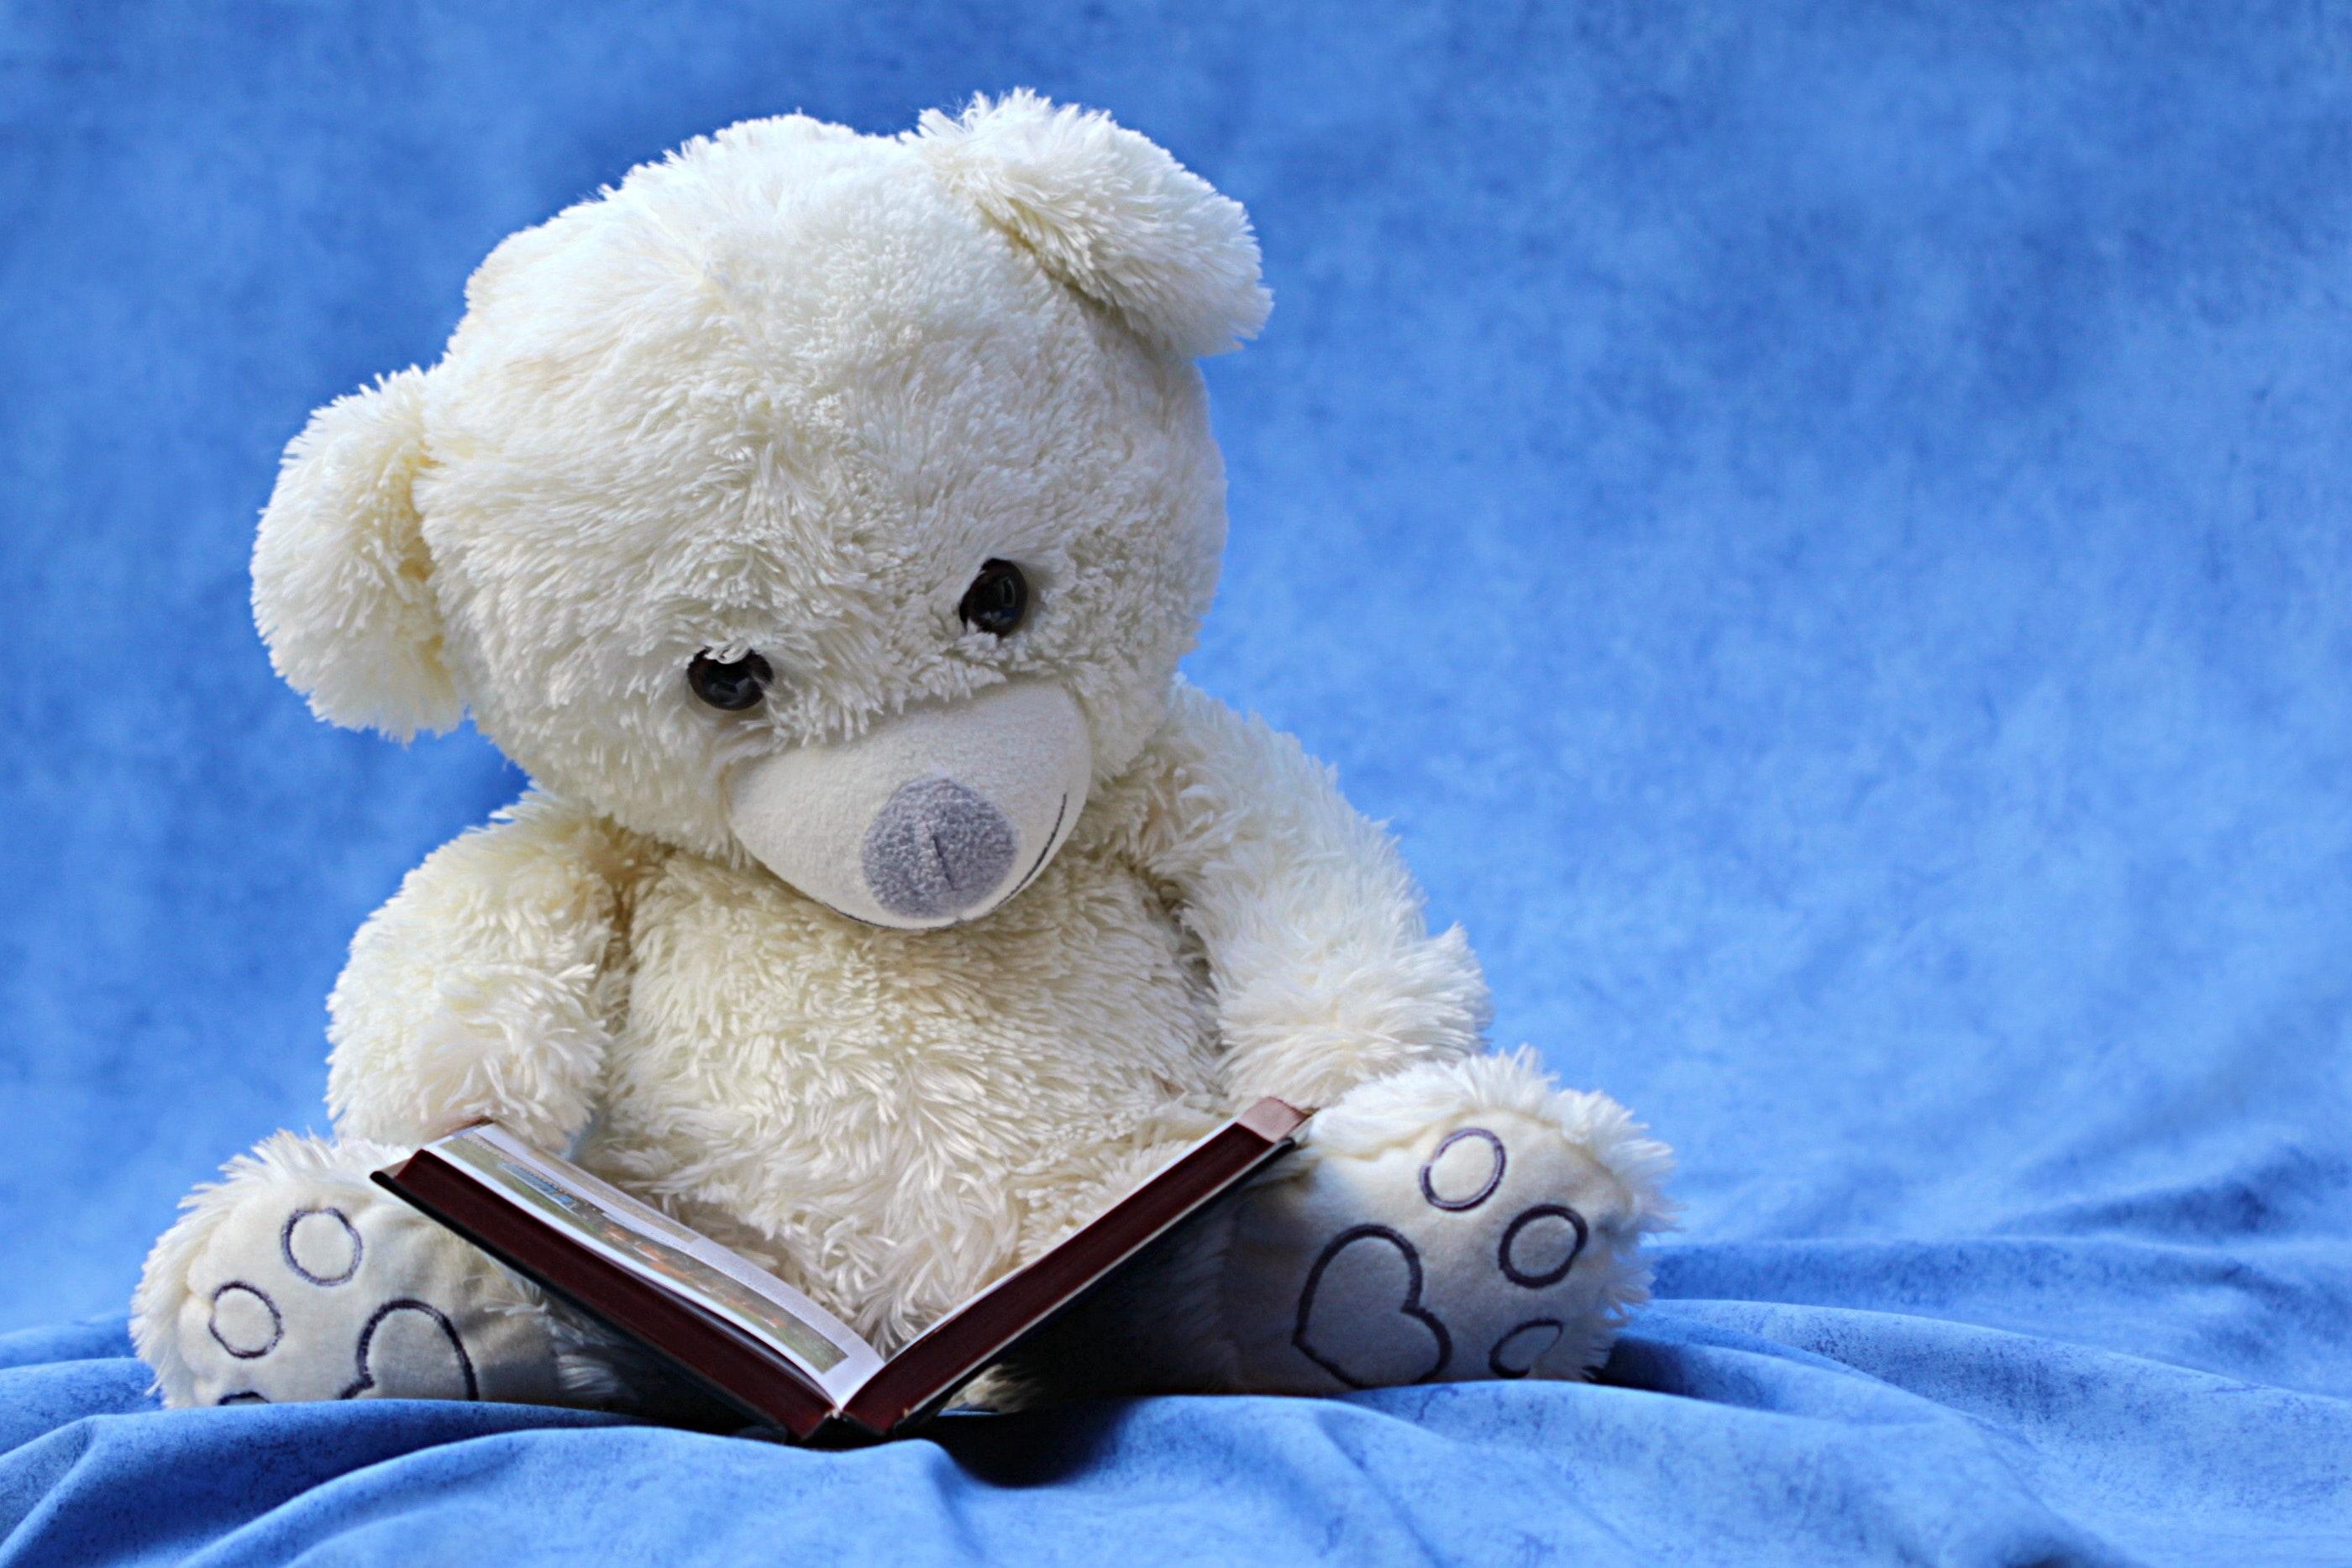 http://fuldatal-schule.de/wp-content/uploads/2018/03/still-life-teddy-white-read.jpg